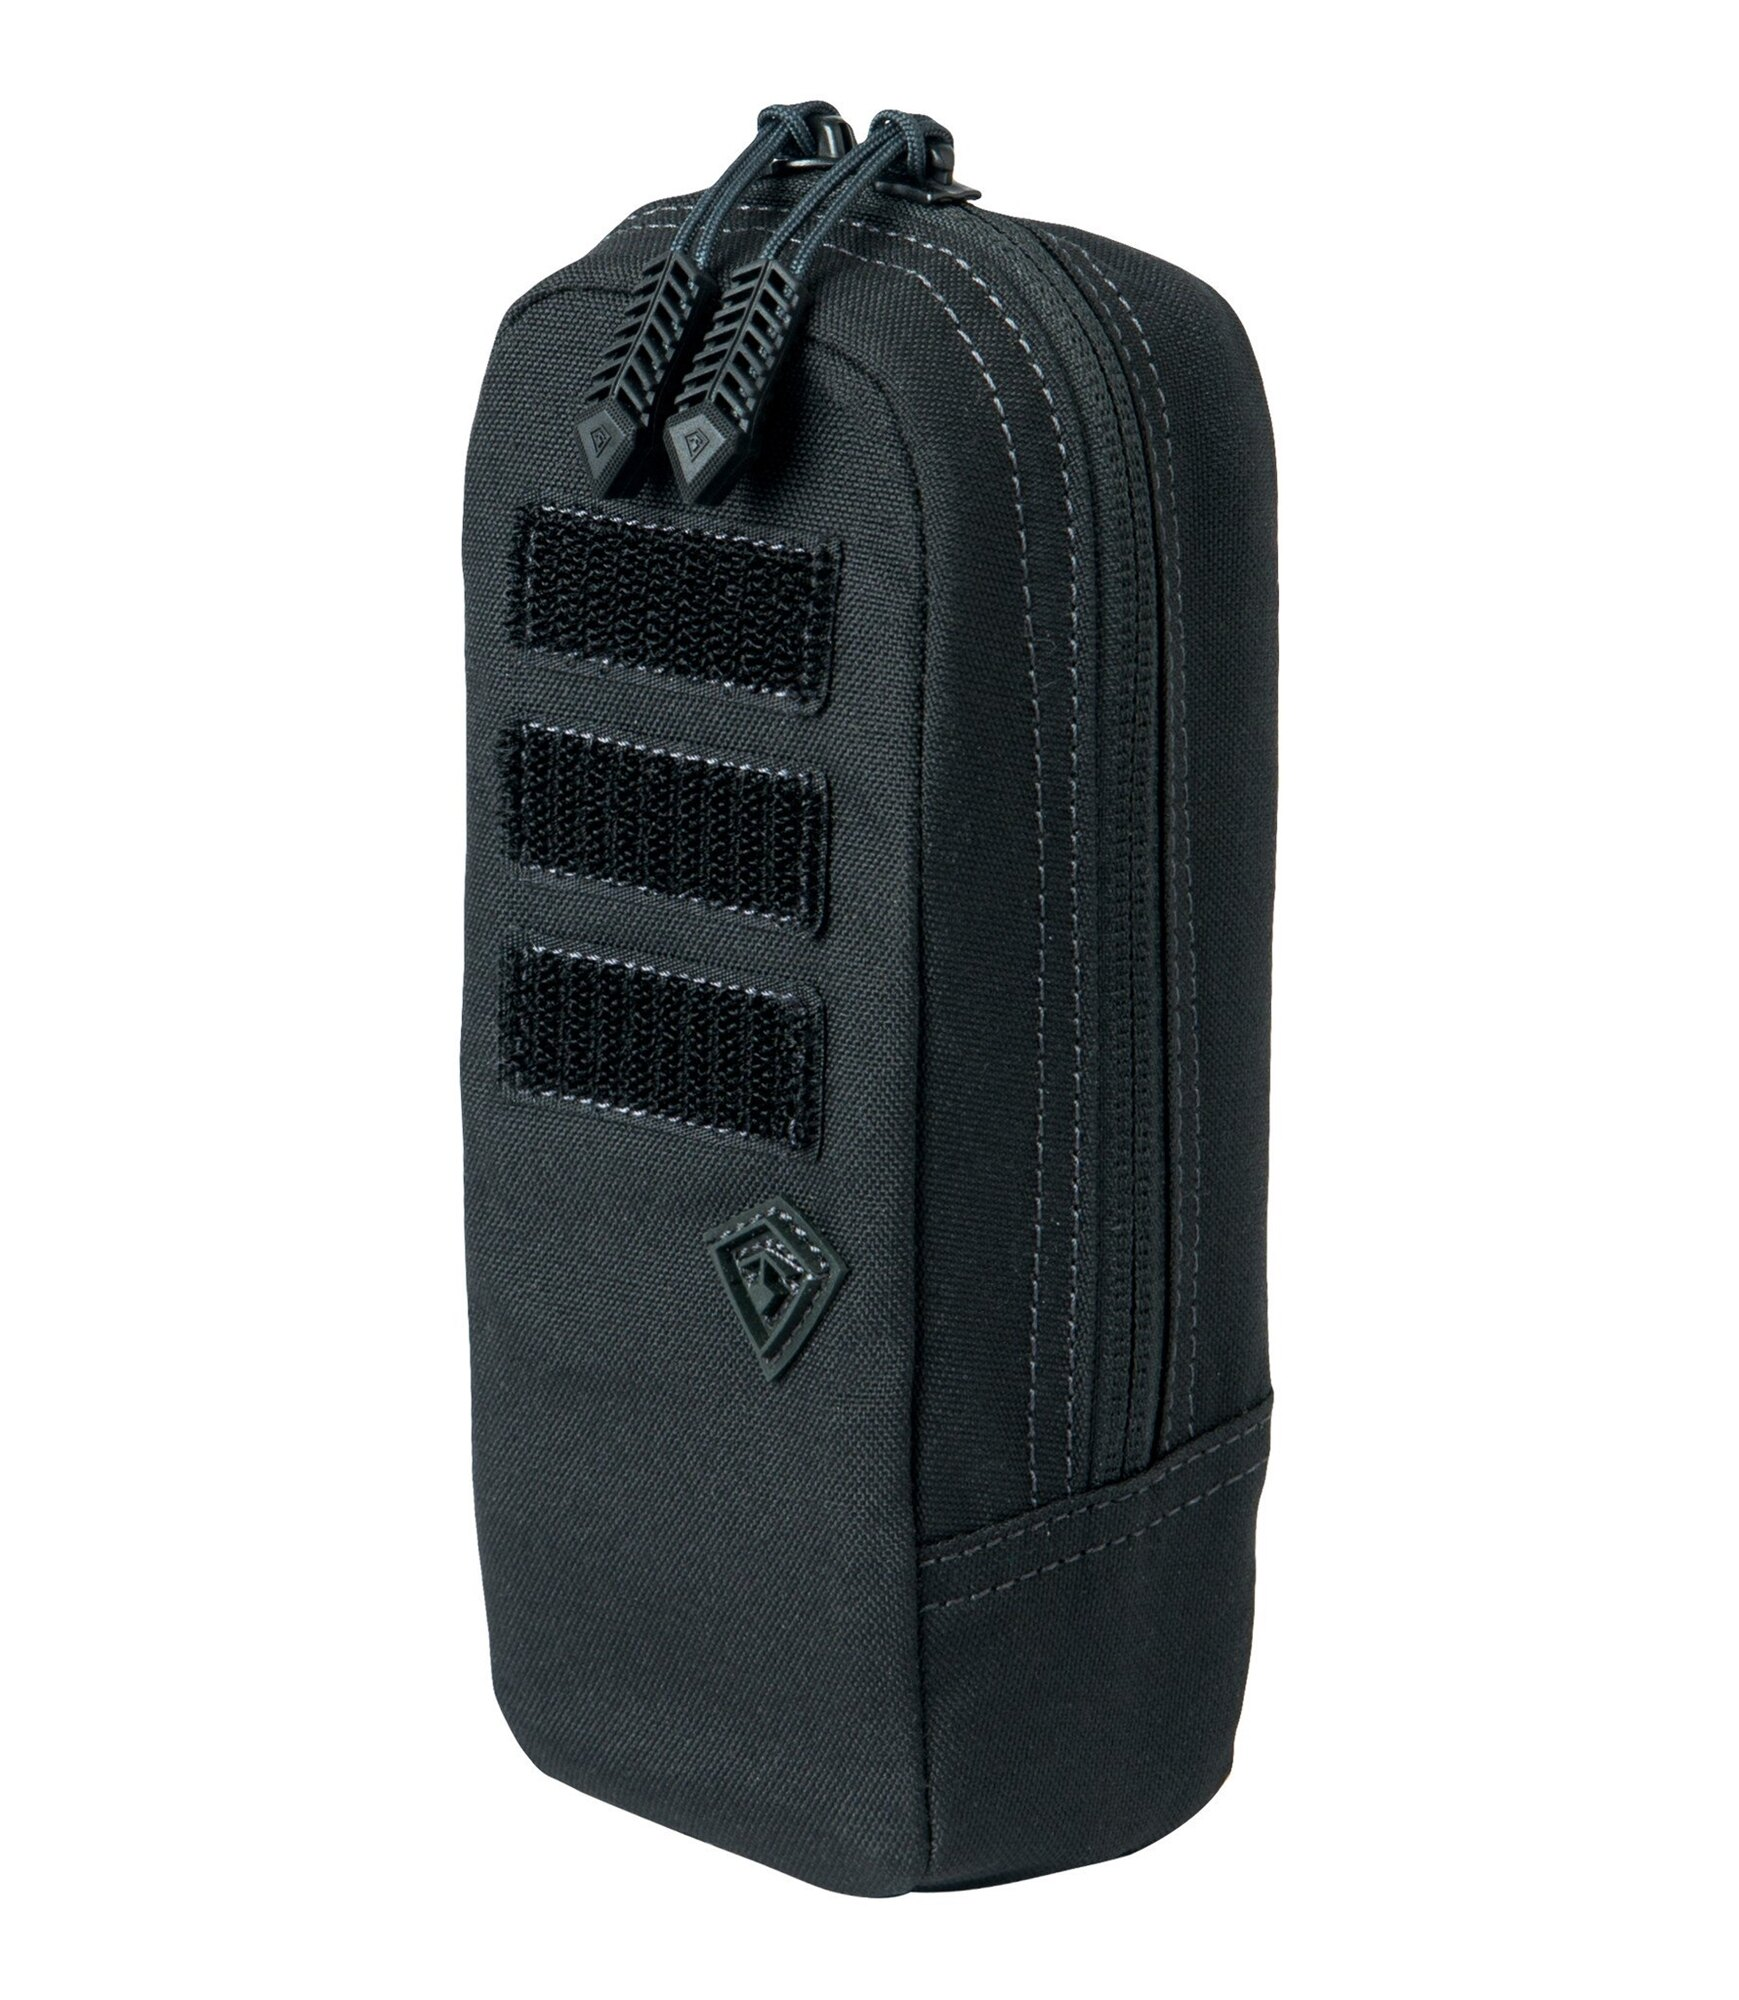 Puzdro Tactix Eyewear First Tactical® - čierne (Farba: Čierna)